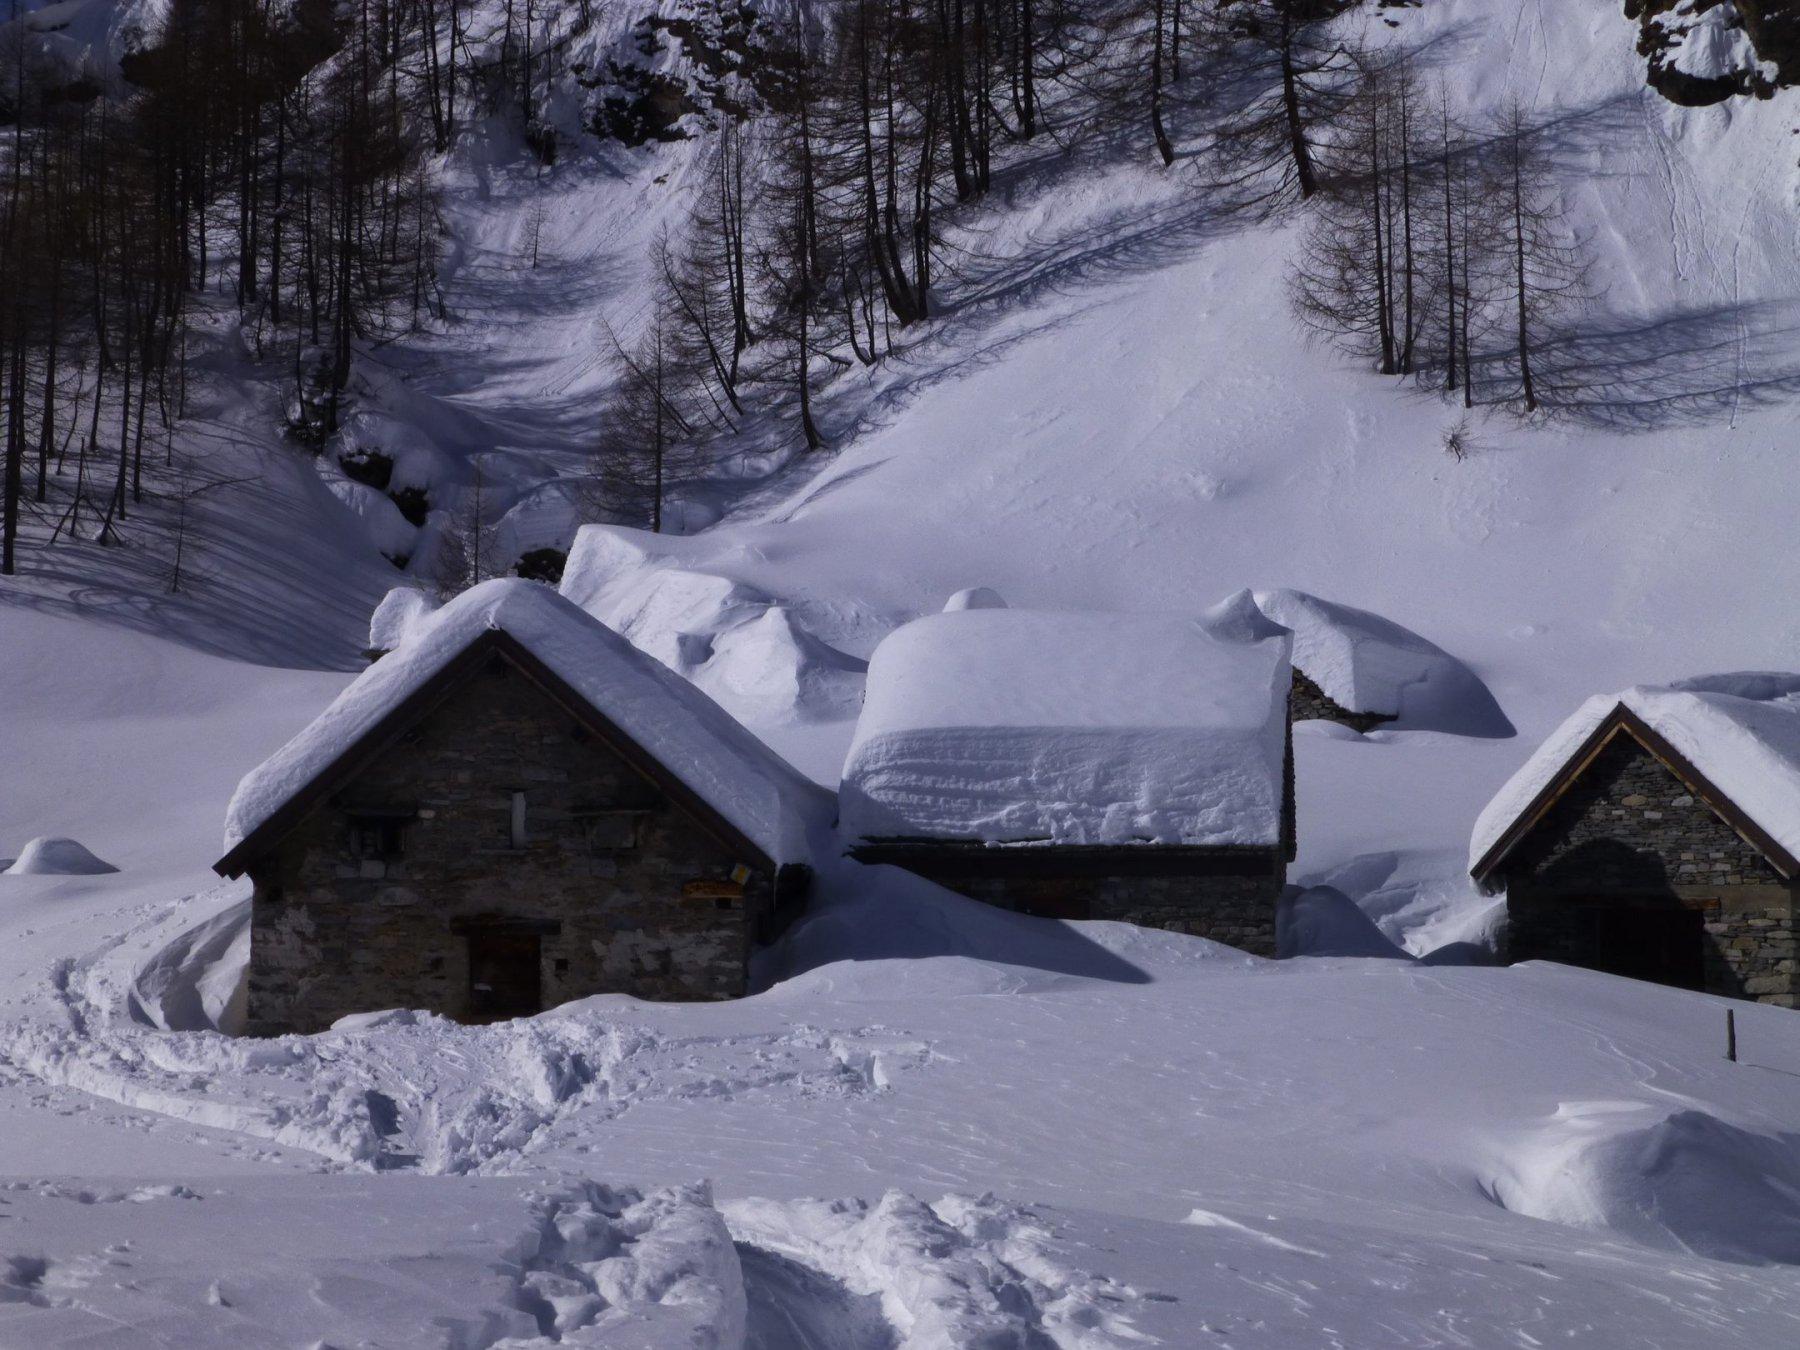 La neve caduta in abbondanza.